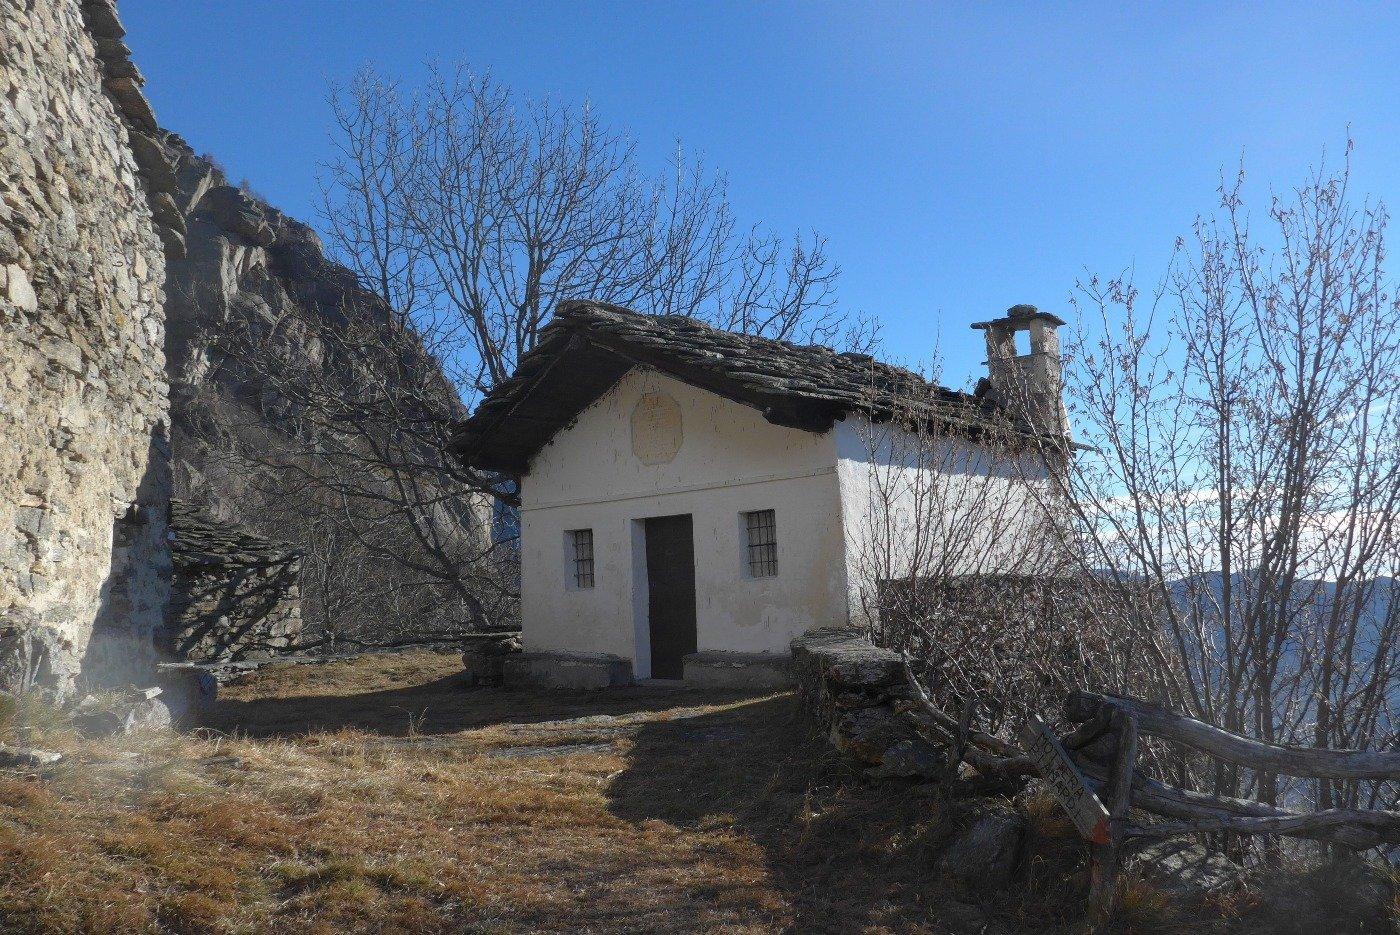 La chiesetta di Frassa